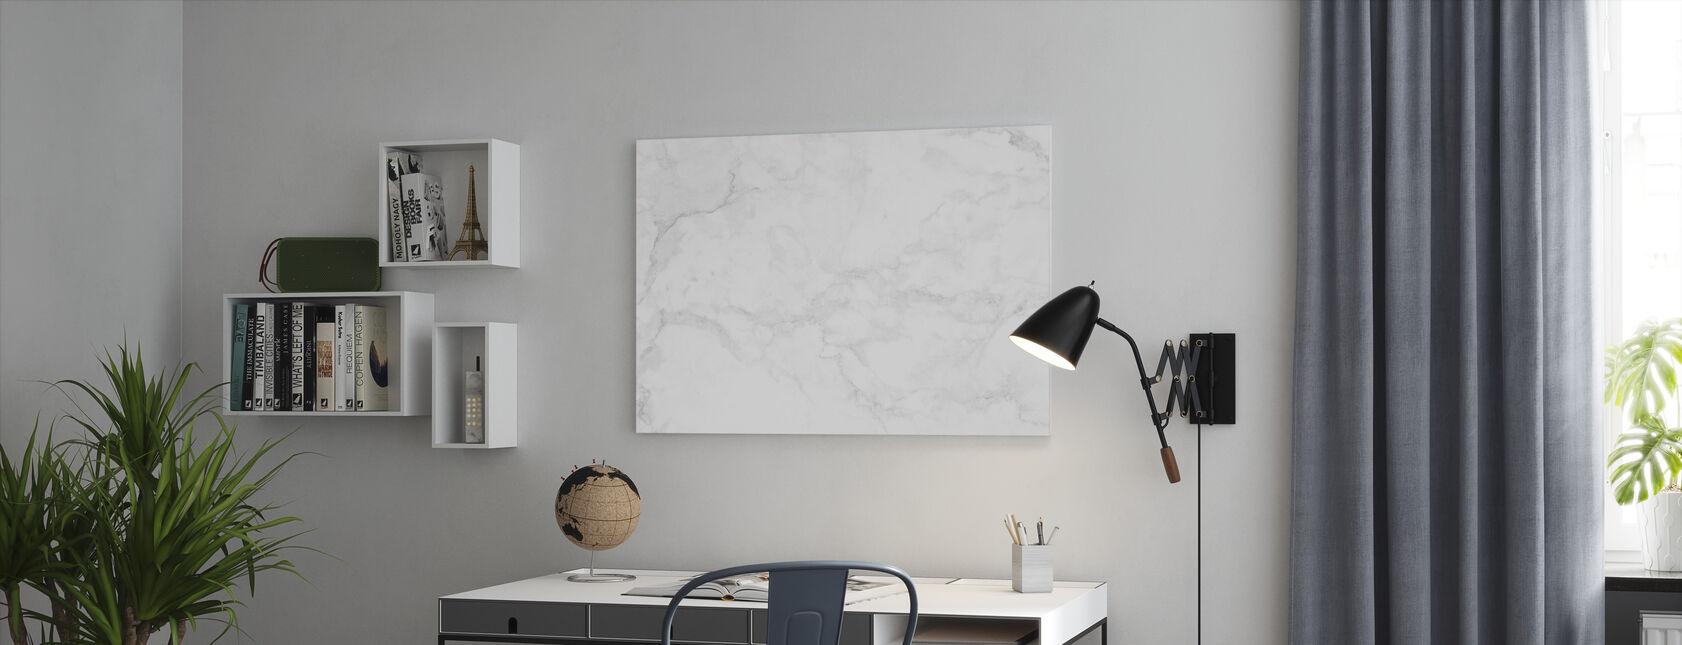 Valkoinen marmori - Canvastaulu - Toimisto